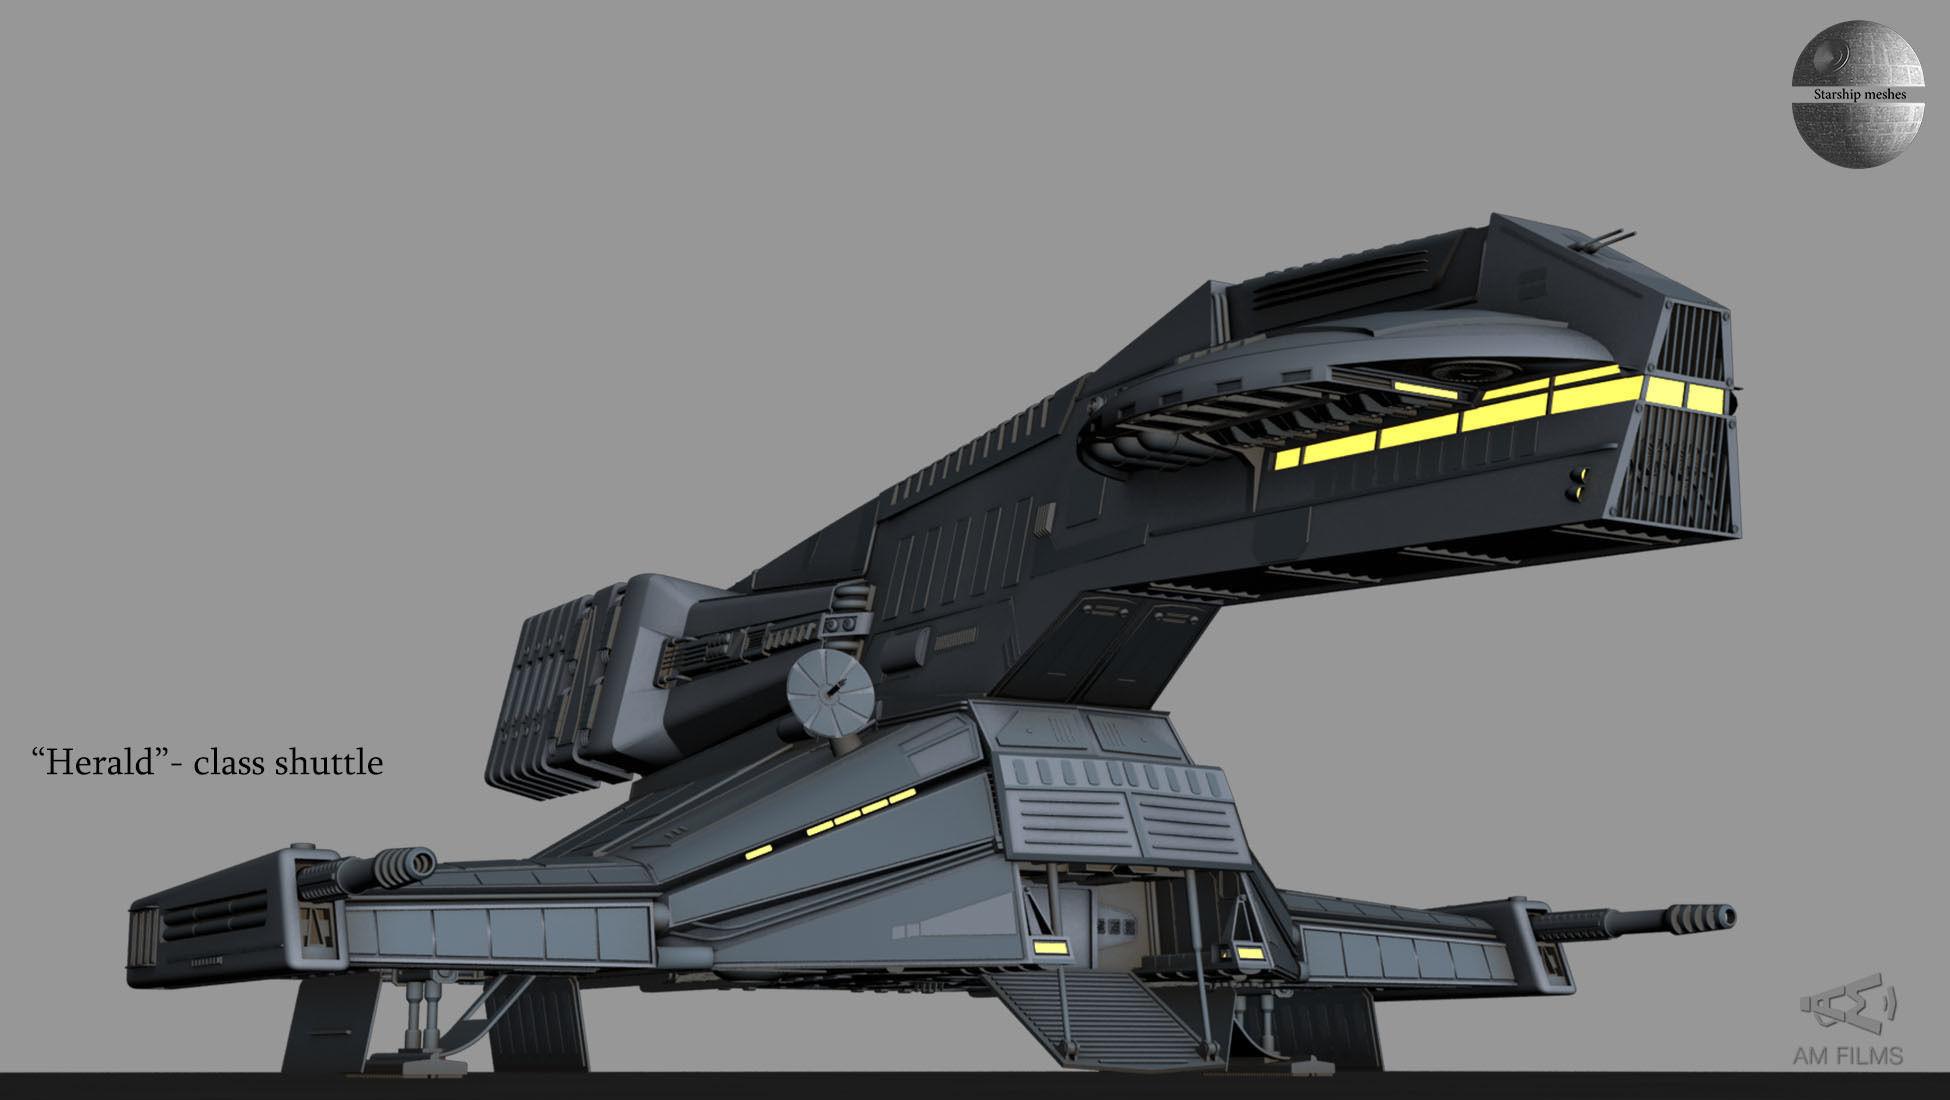 Herald class shuttle